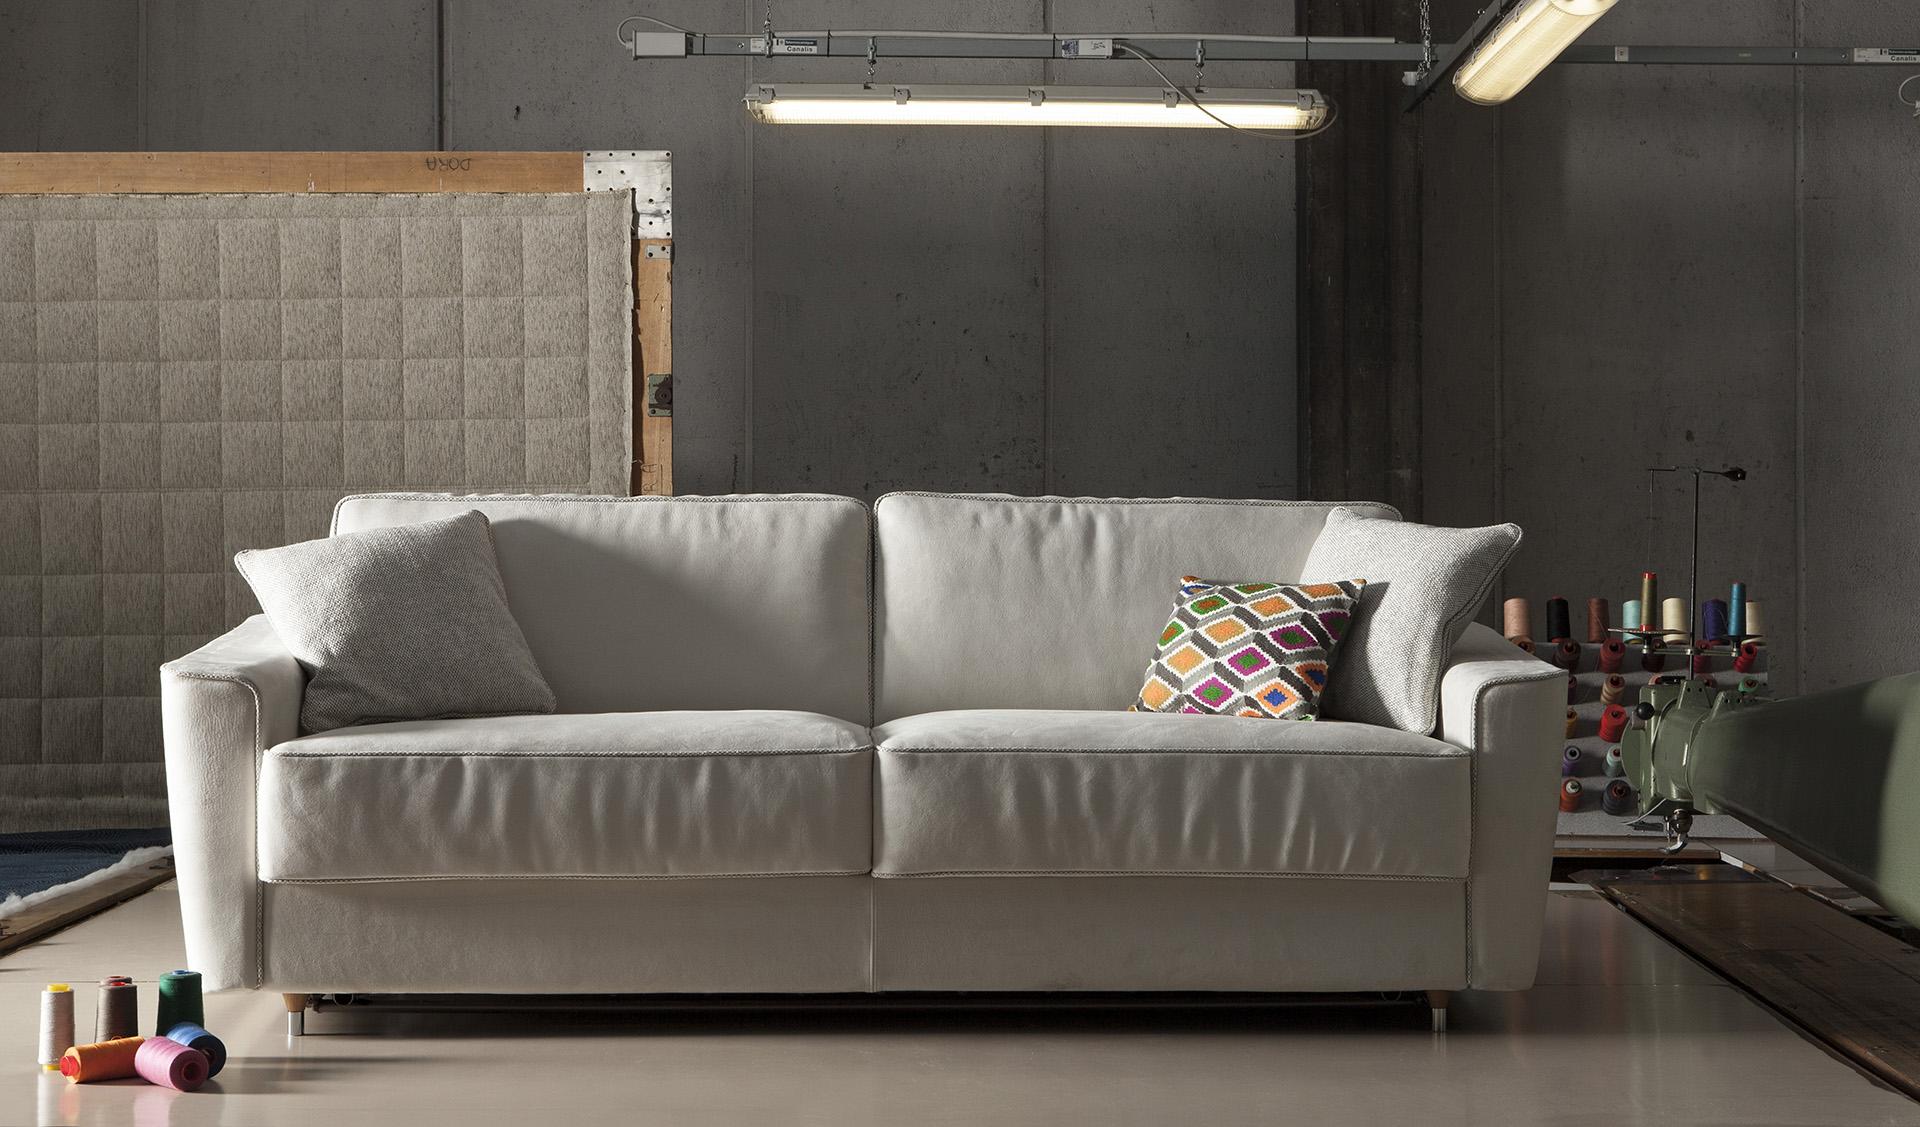 milano bedding divano letto petrucciani. Black Bedroom Furniture Sets. Home Design Ideas